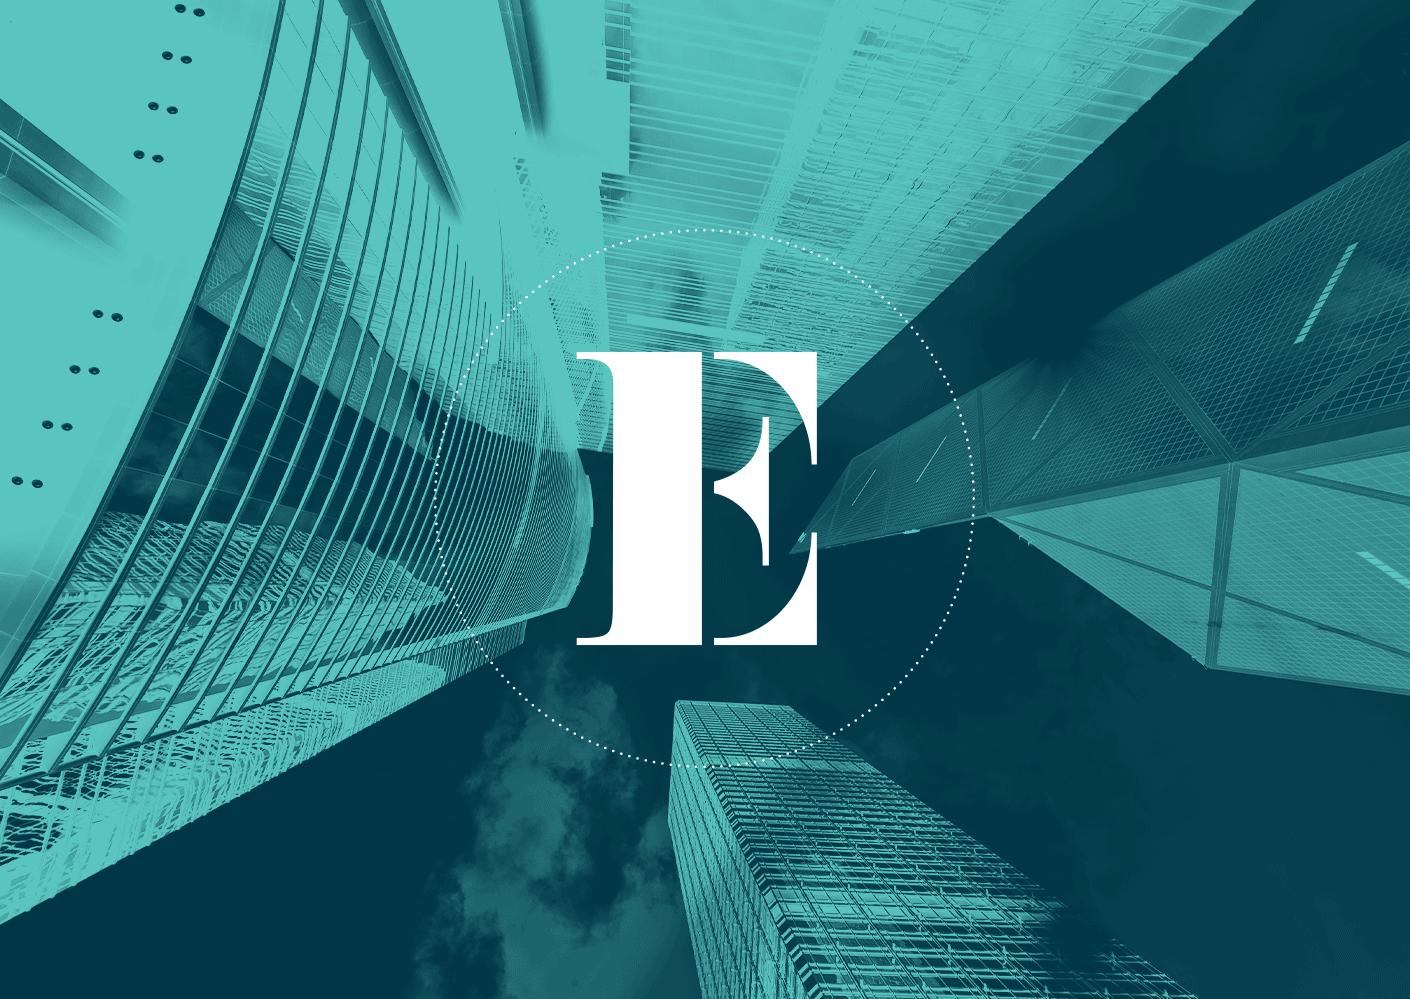 Rebranding agency leeds - elevation by BML